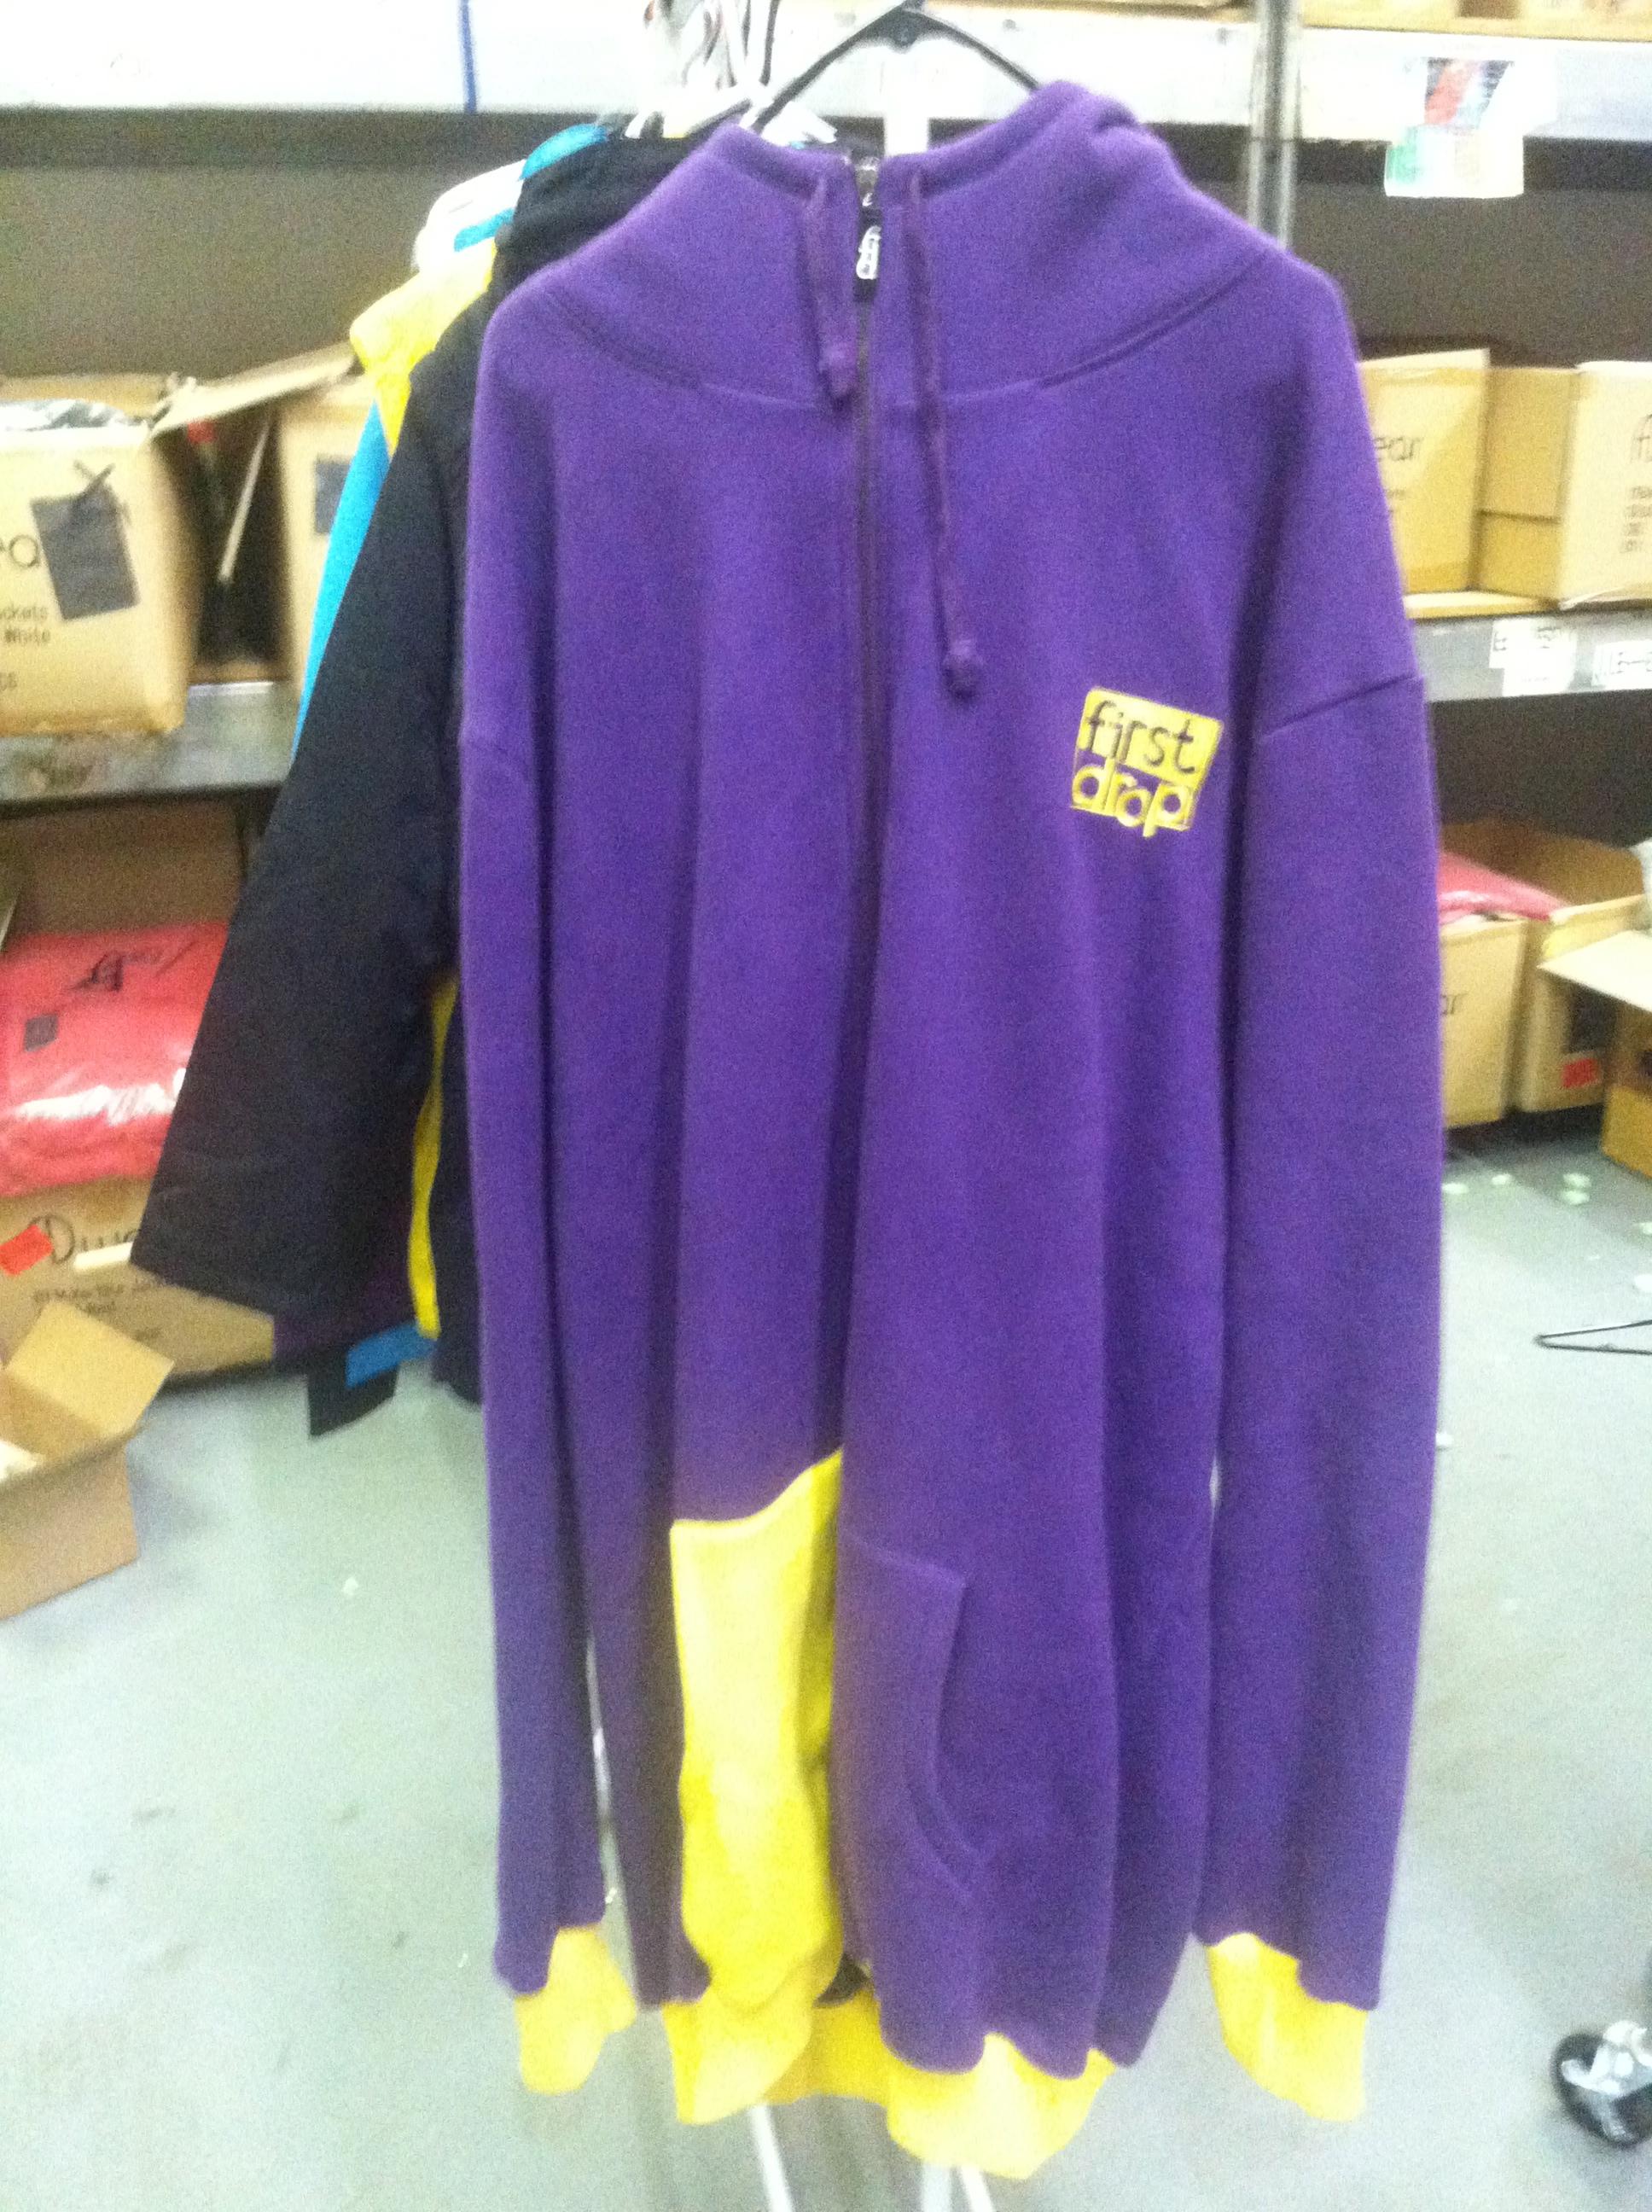 Purple n' Yellow Fleece Sweatshirt